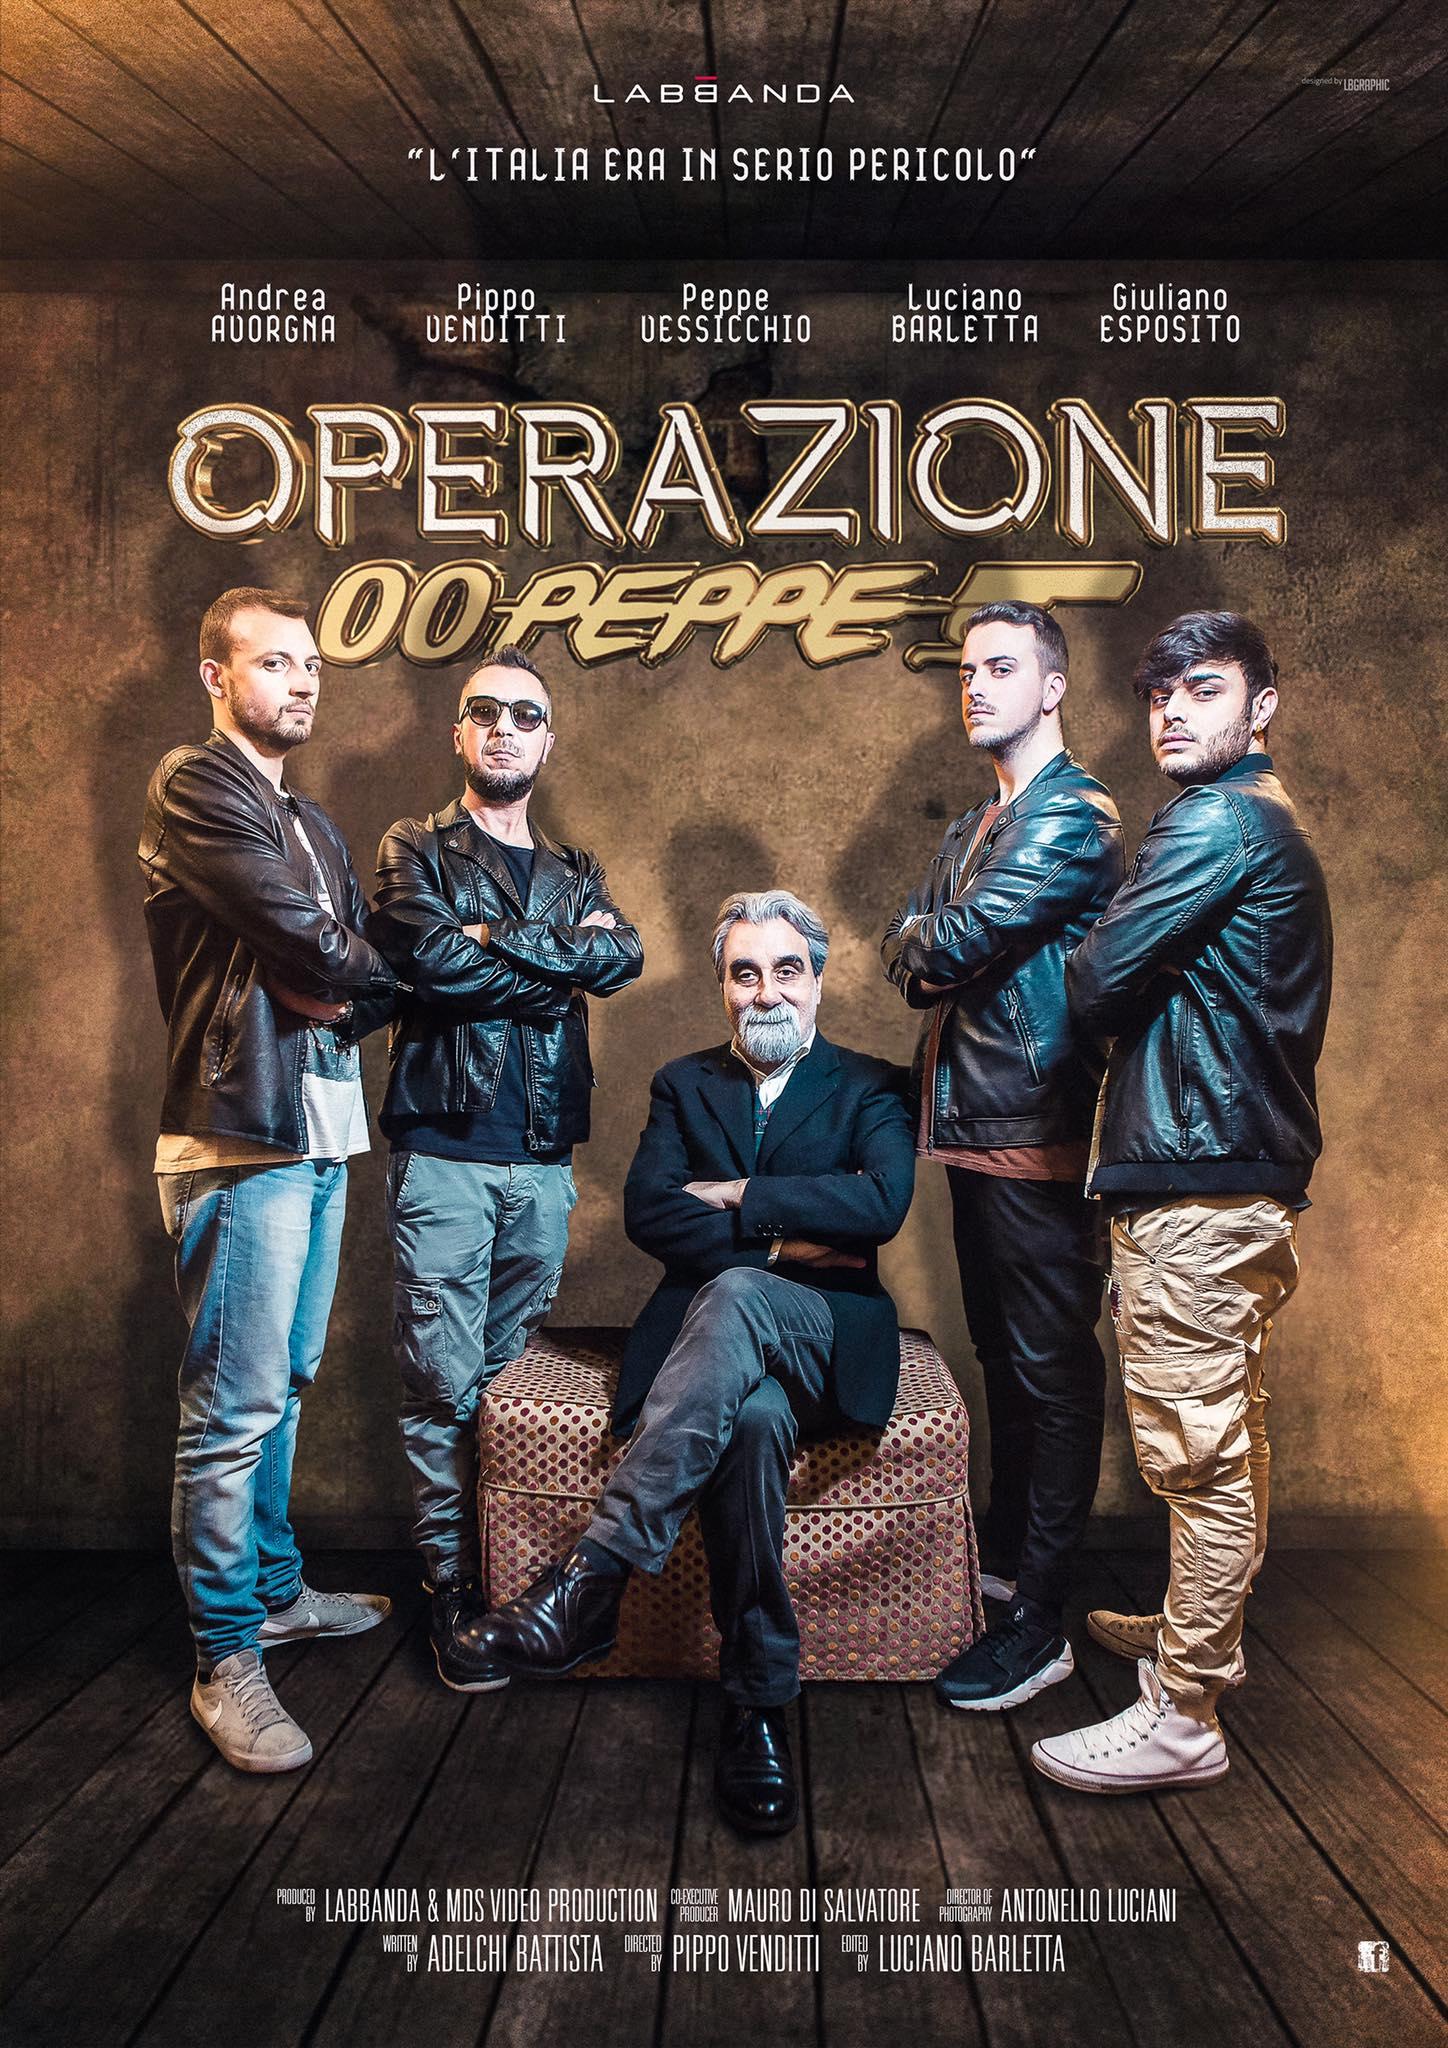 Roma Web Fest - Operazione Zero Zero Peppe